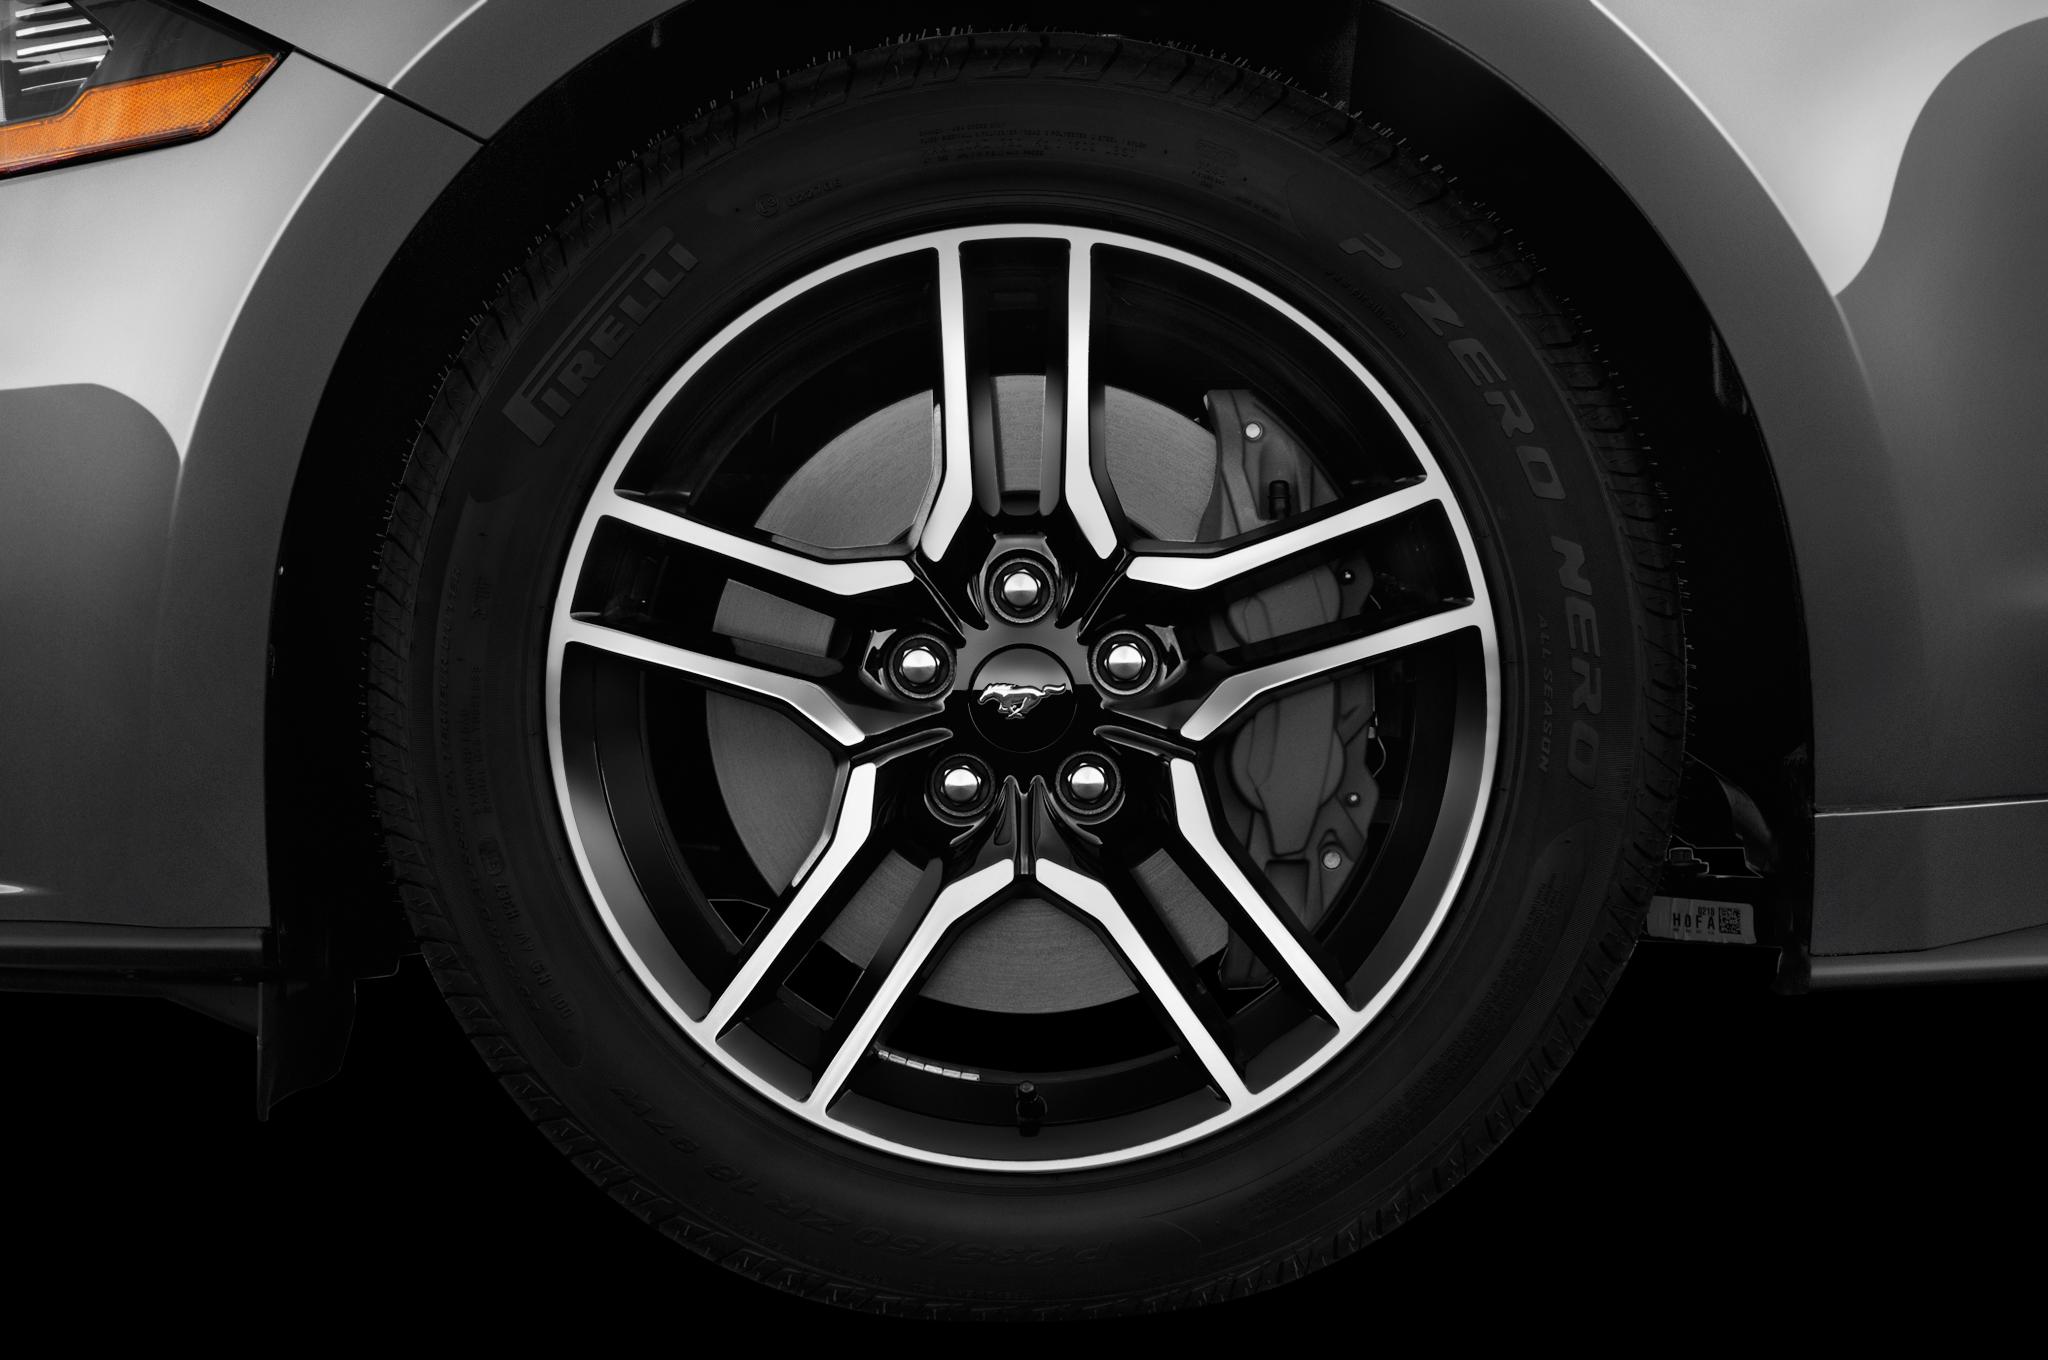 Ford Mustang Gt Premium Convertible Wheel Cap